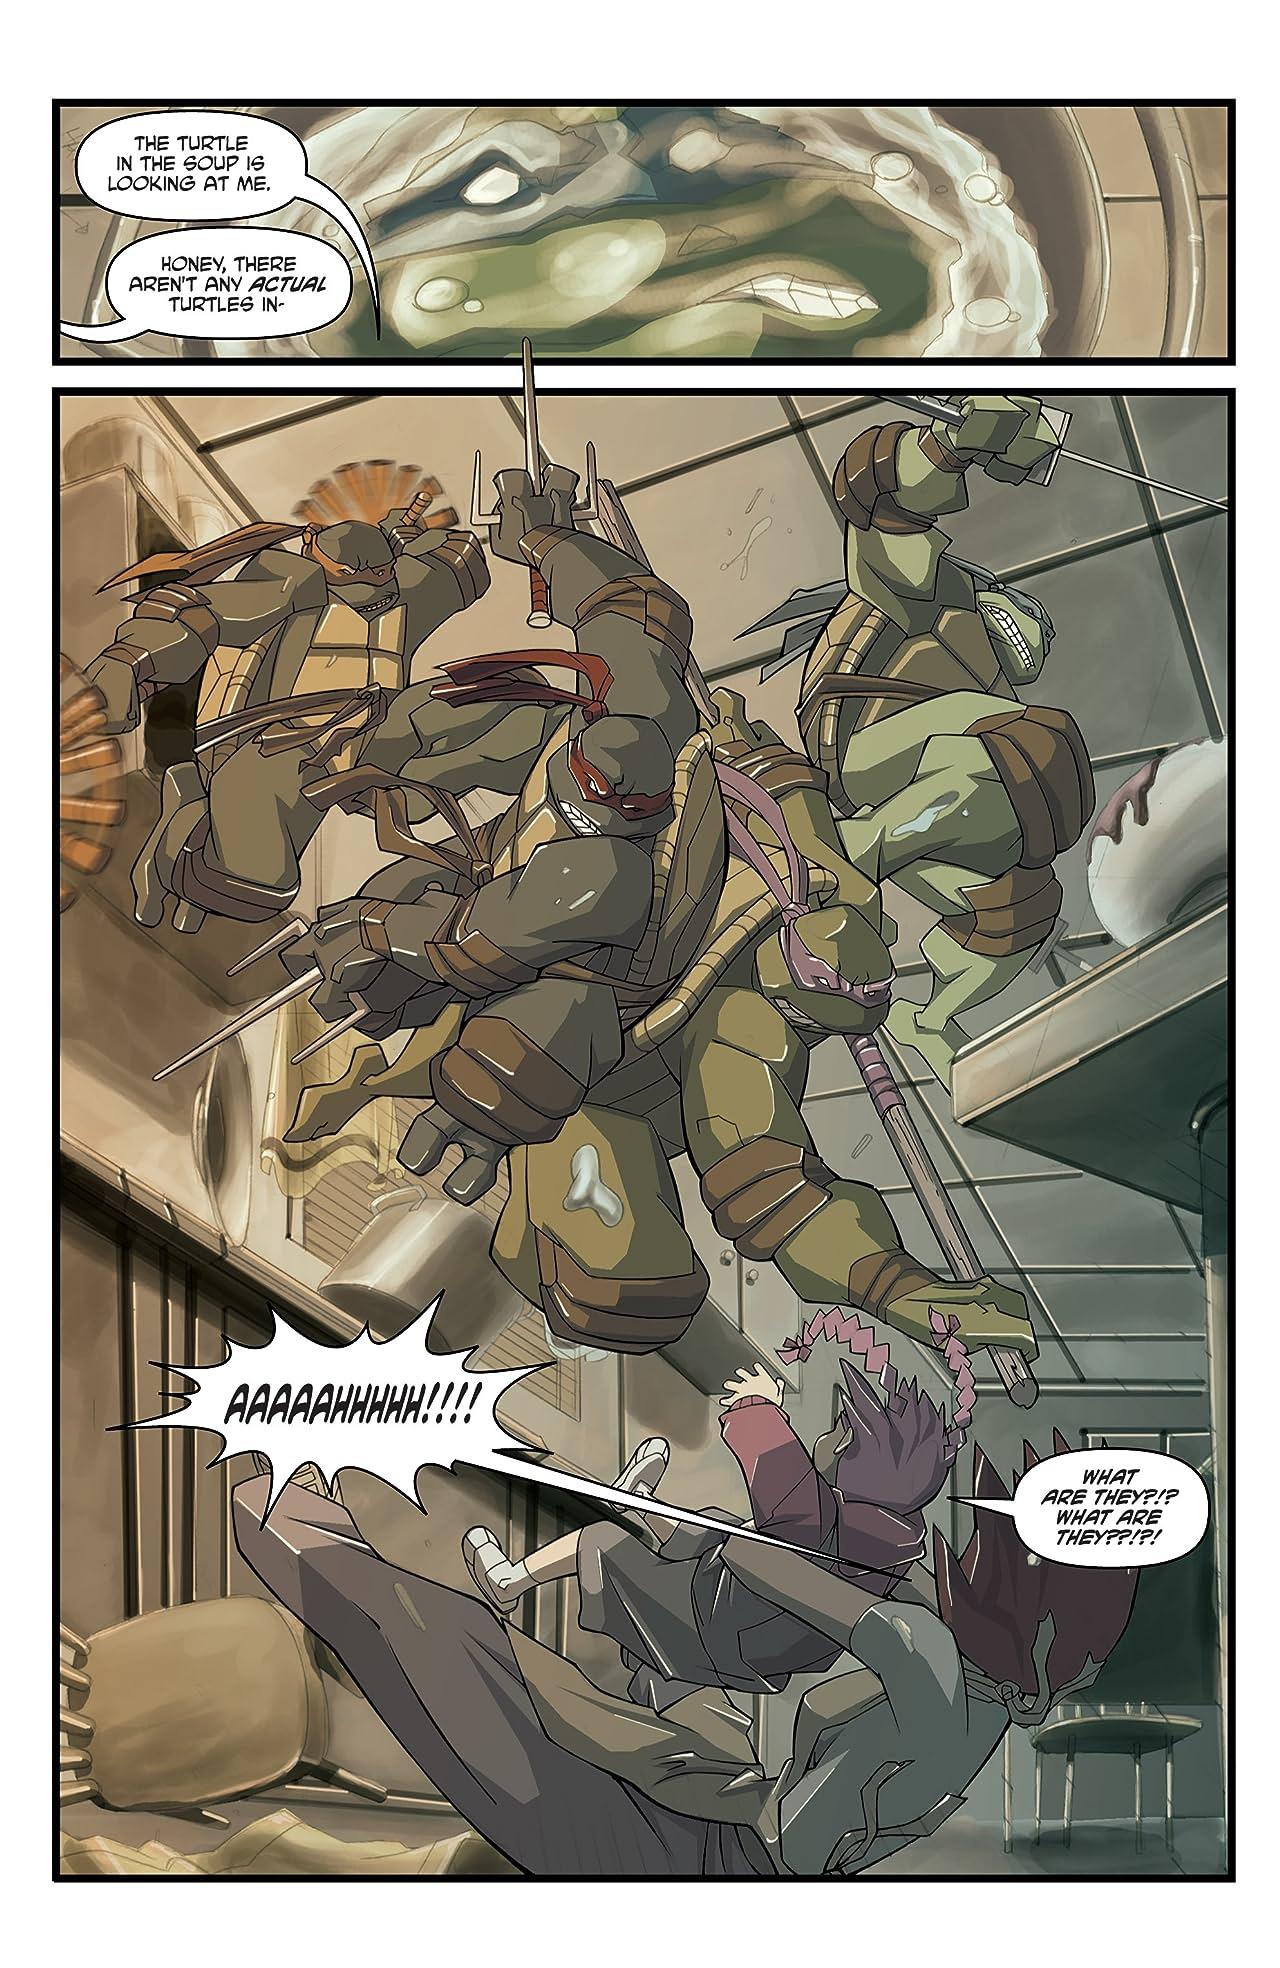 Teenage Mutant Ninja Turtles: Animated 2003 #2